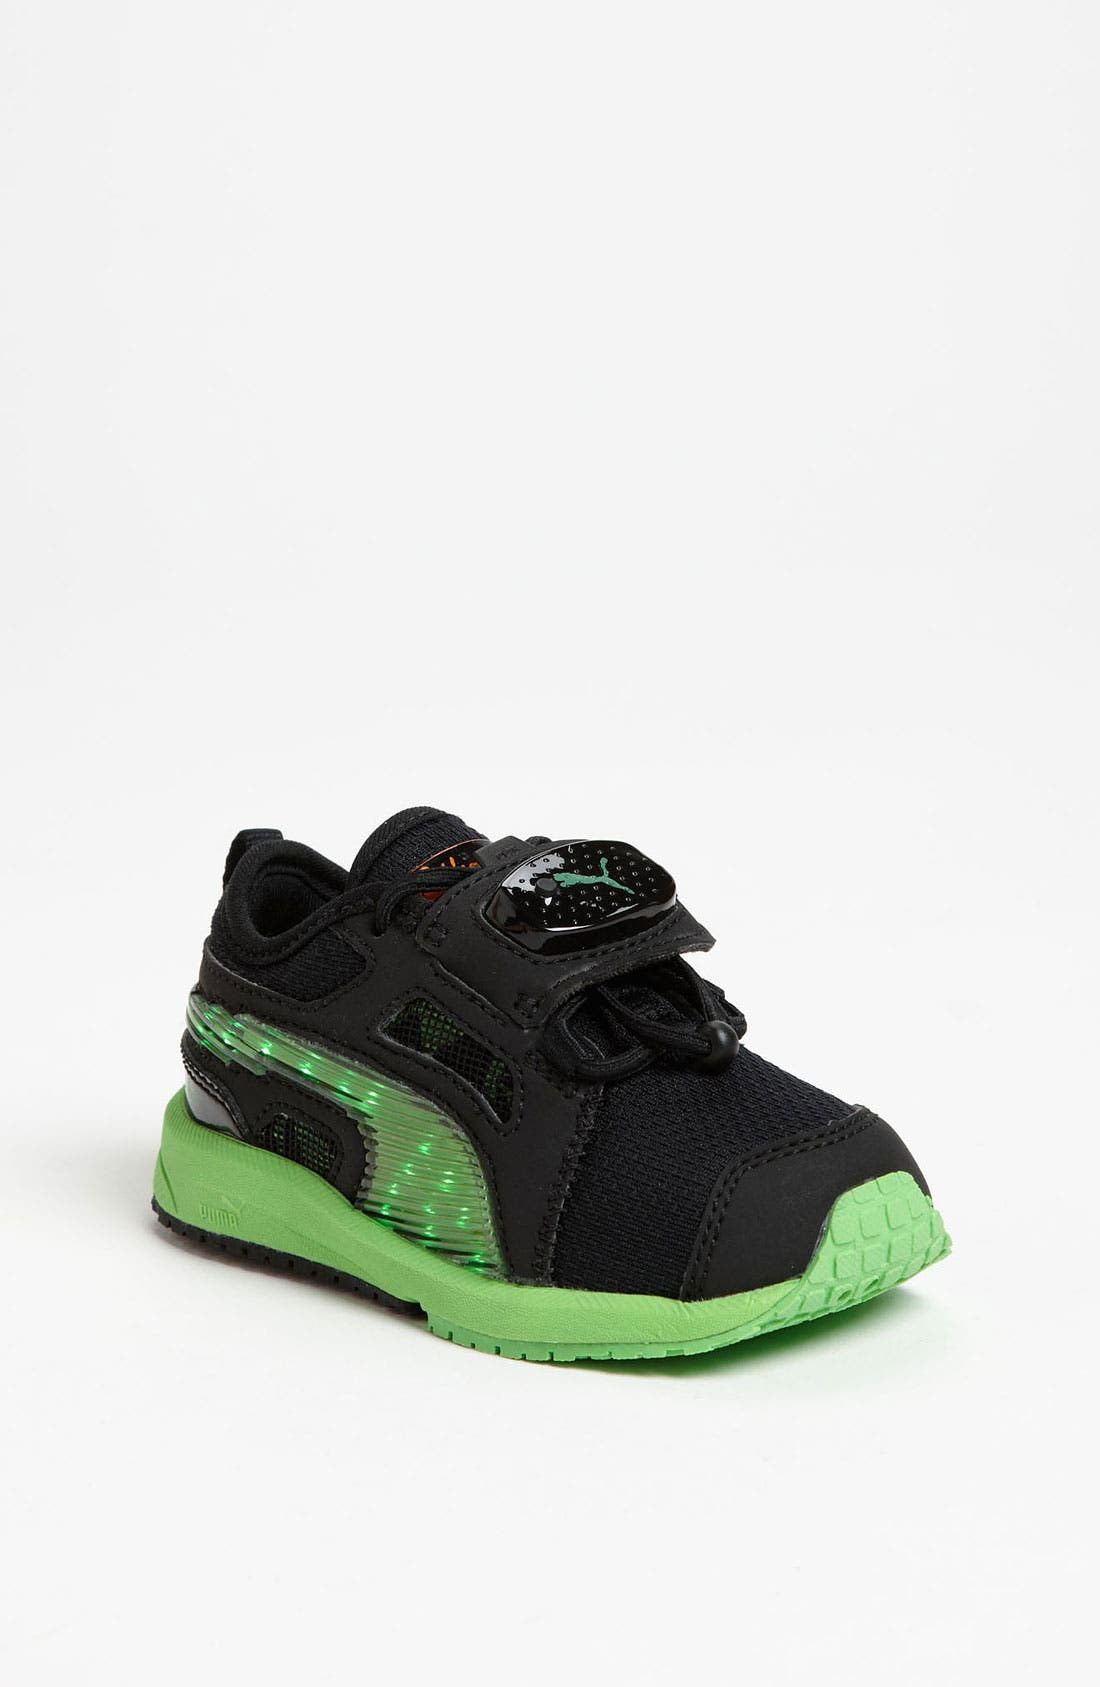 Alternate Image 1 Selected - PUMA 'Bolt evoSPEEDOMETER V' Sneaker (Baby, Walker & Toddler)